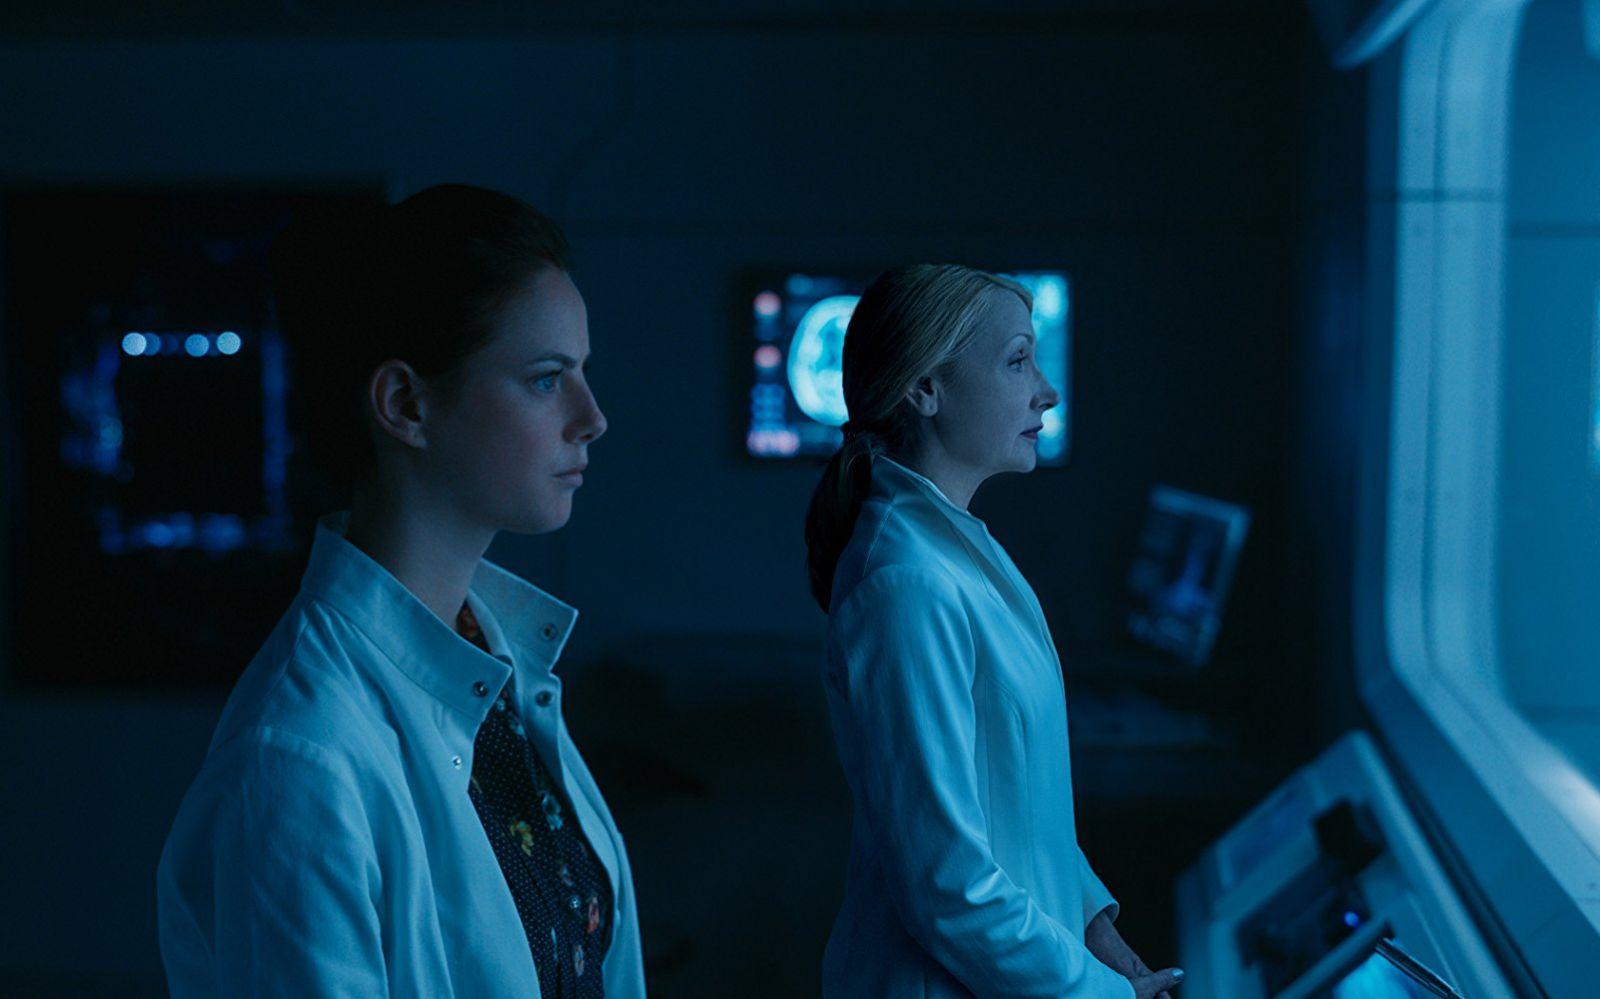 Кадр из фильма «Бегущий в лабиринте: Лекарство от смерти»